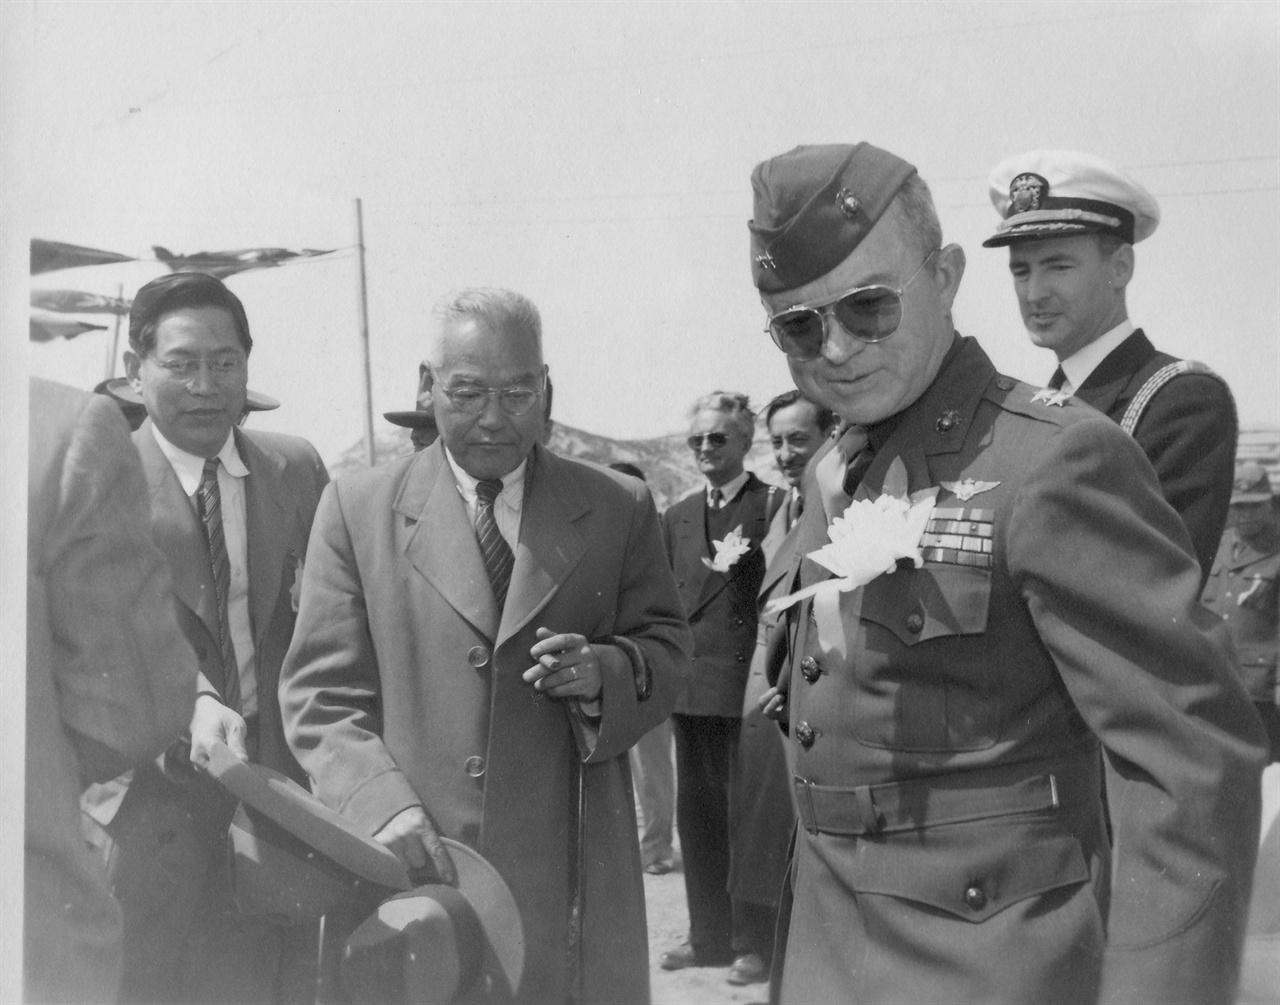 포항의 미 해병대 부대를 방문한 신익희 국회의장(가운데, 왼쪽 정일형 박사, 오른쪽 부대장 Megee 중장).